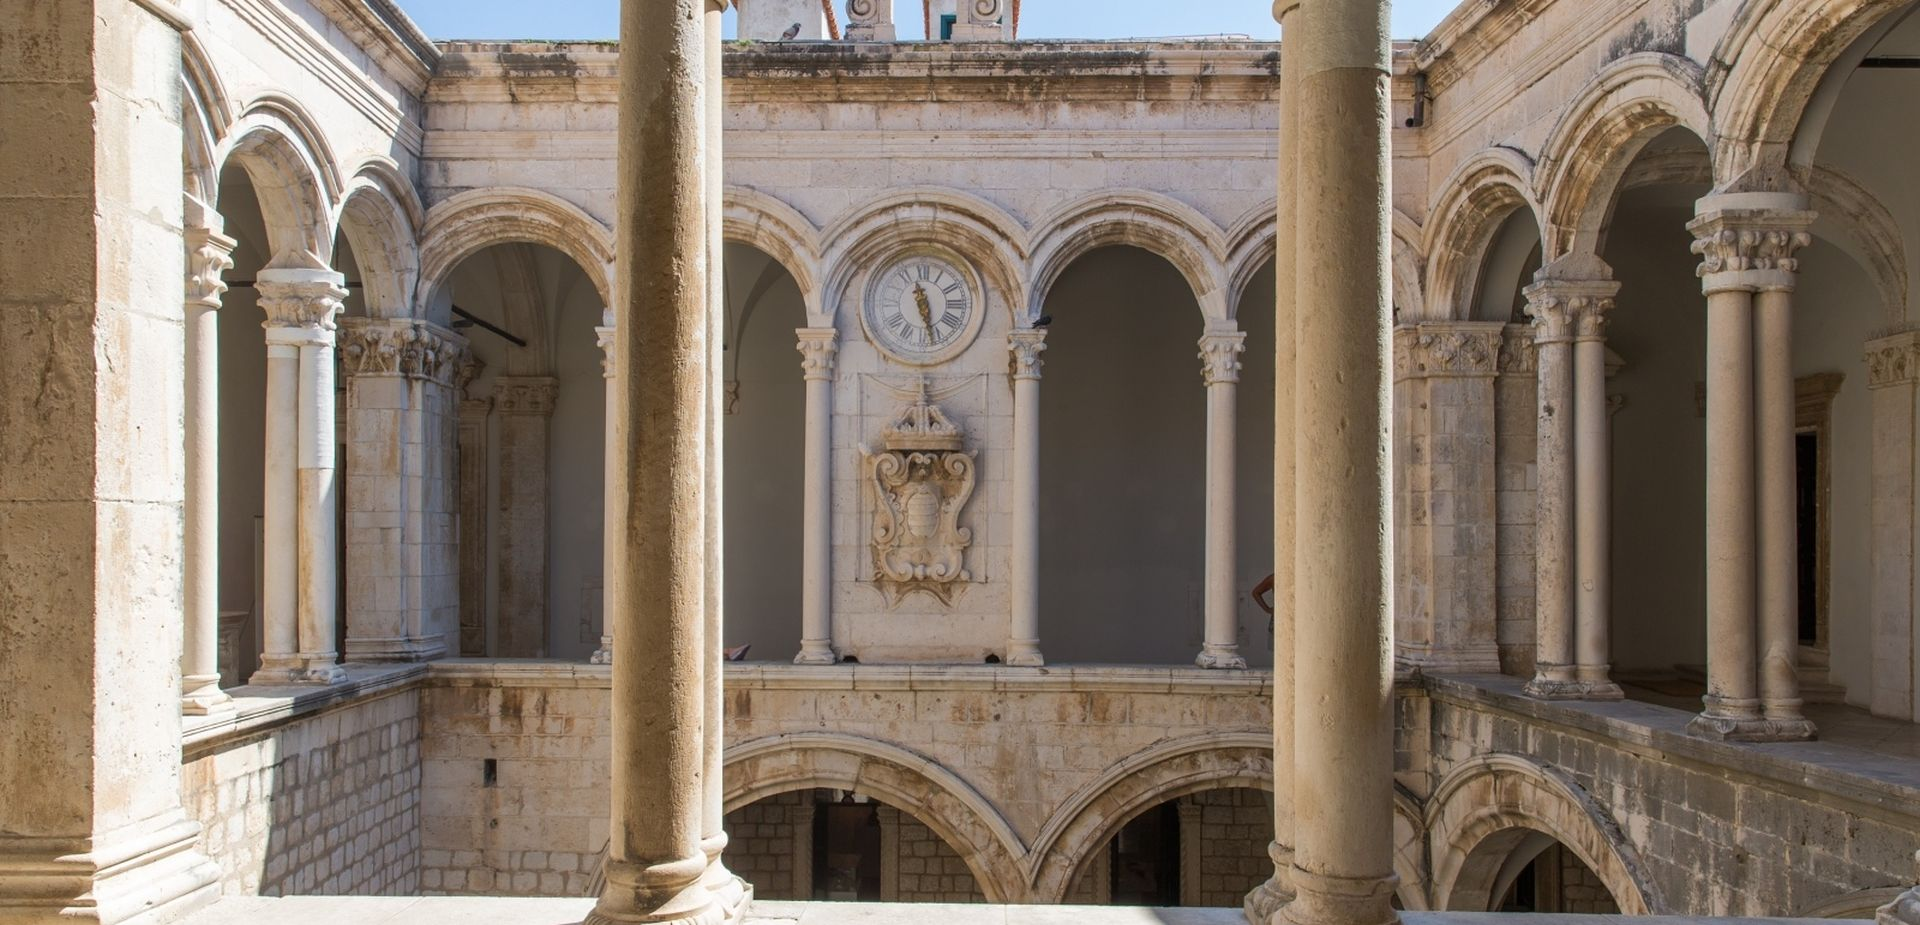 Sjednica Vlade u Kneževom dvoru u Dubrovniku